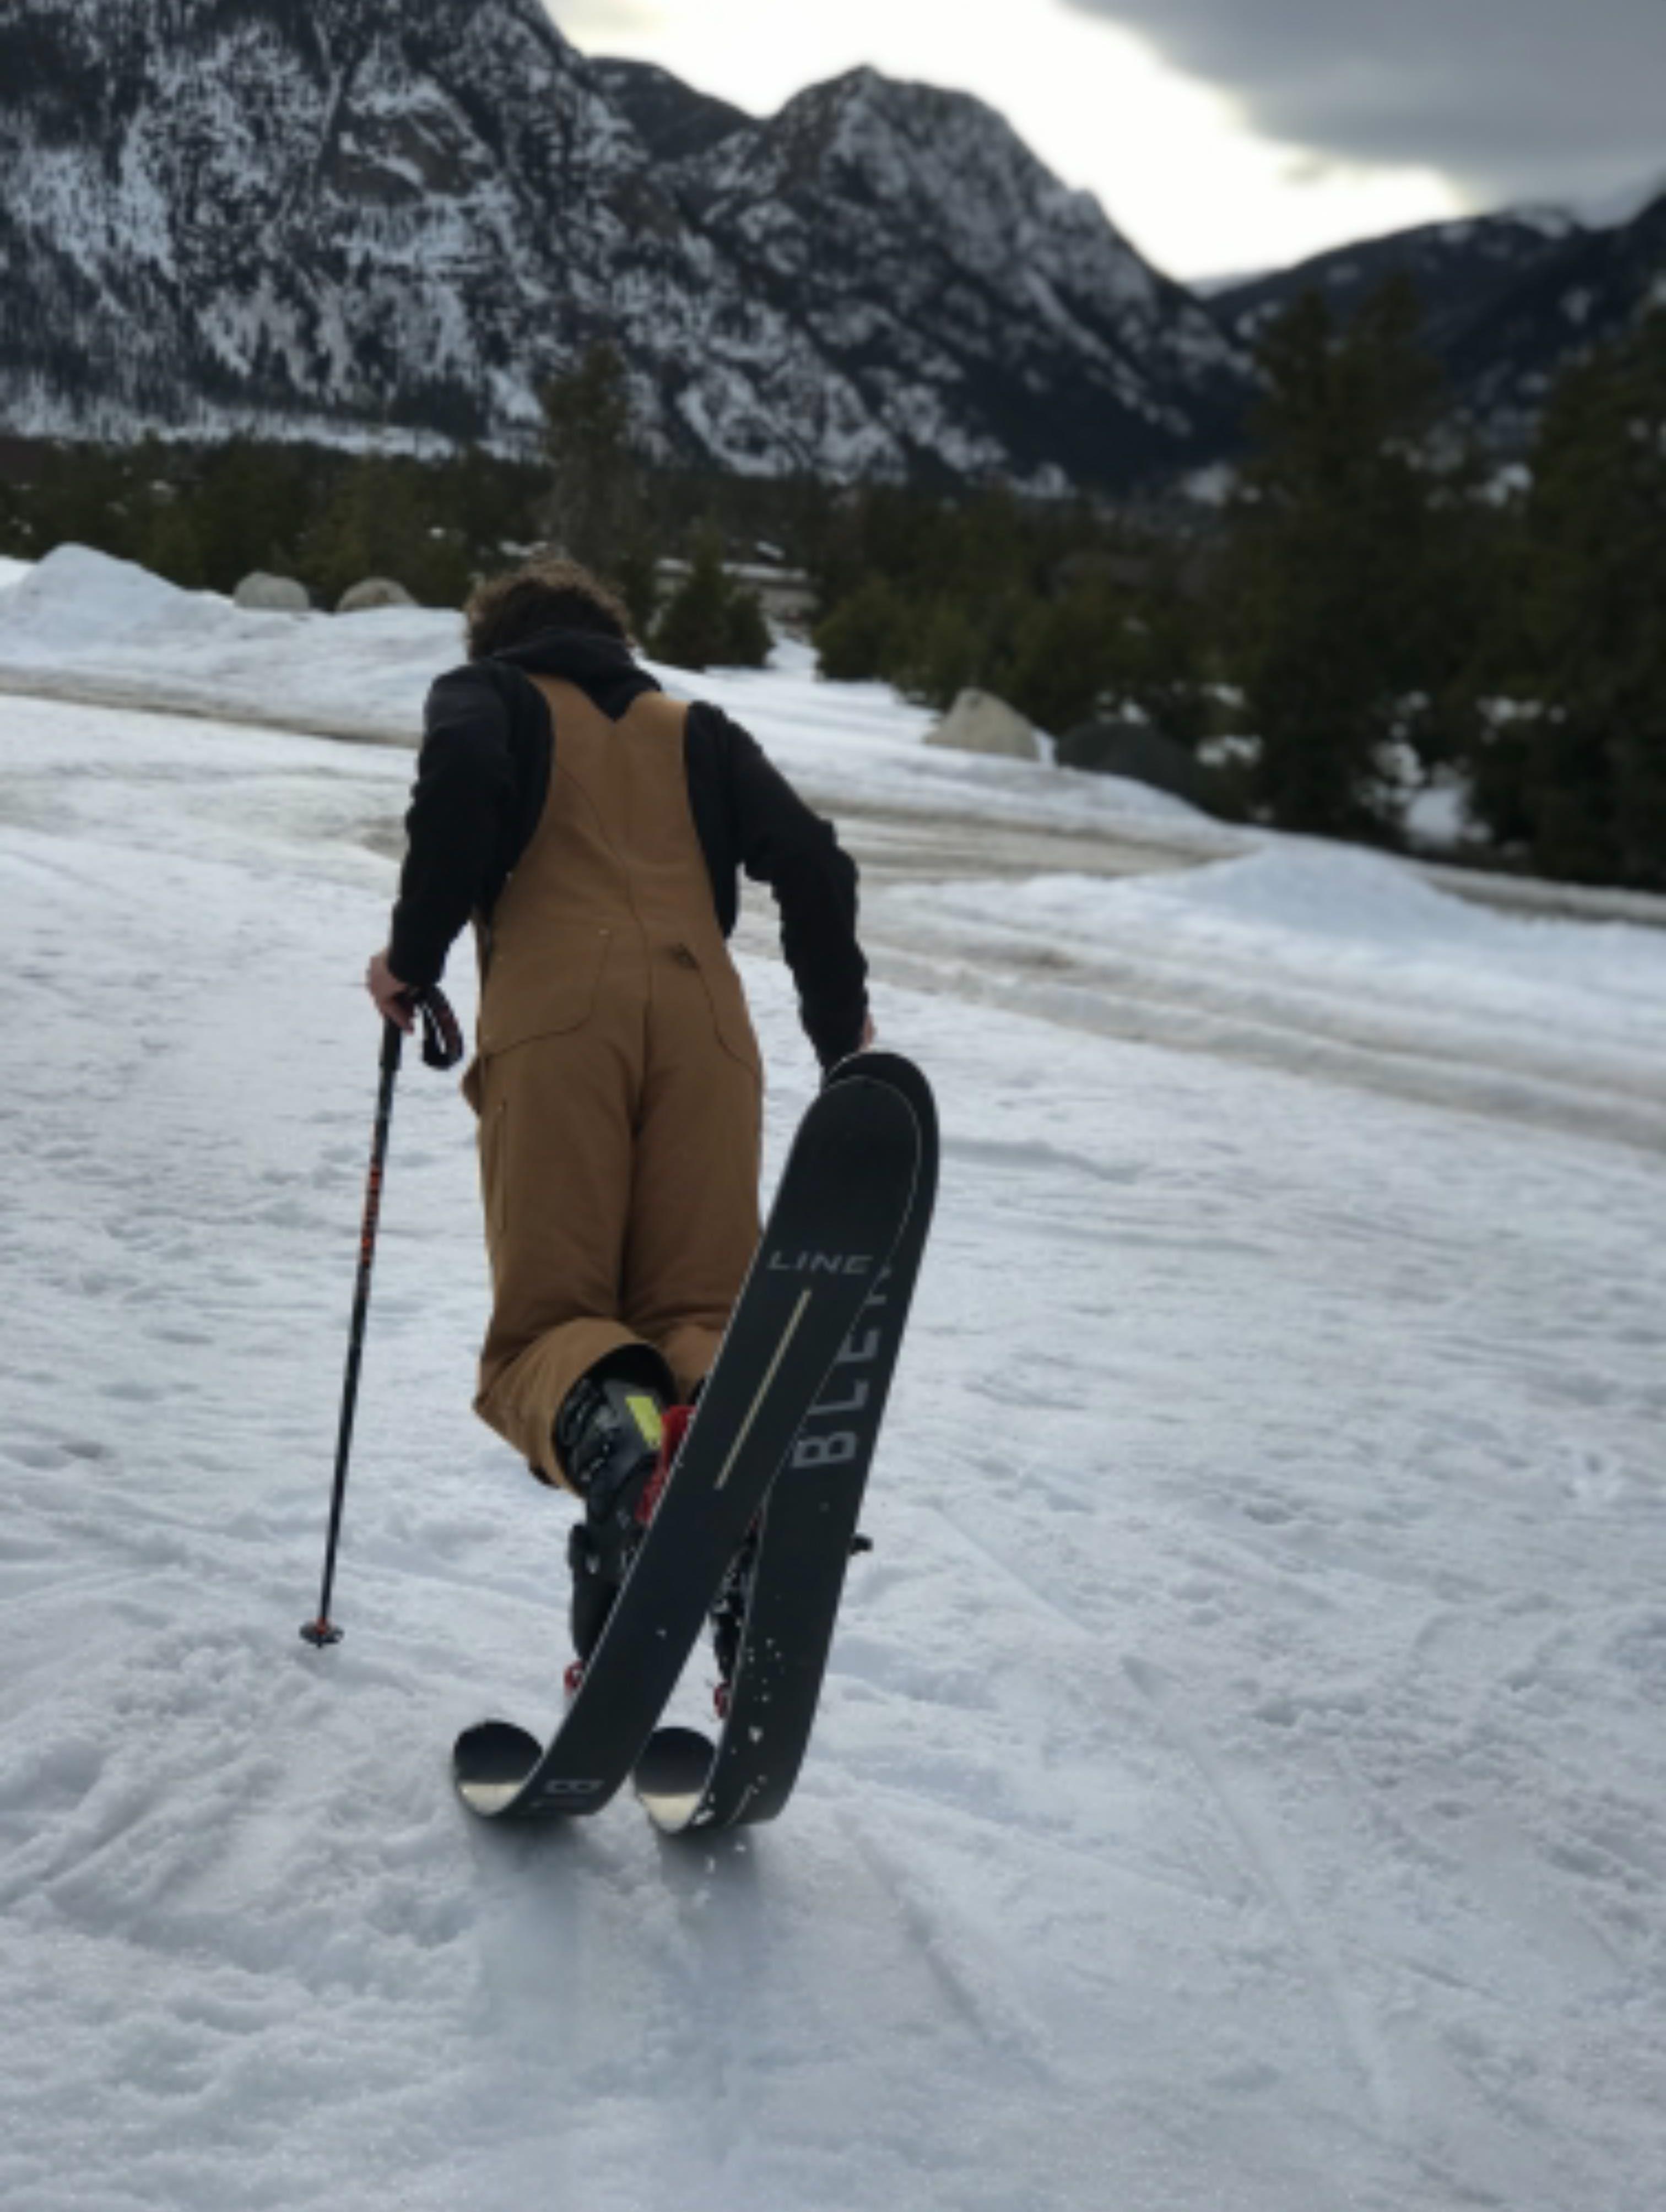 Skis Expert Noah Miller